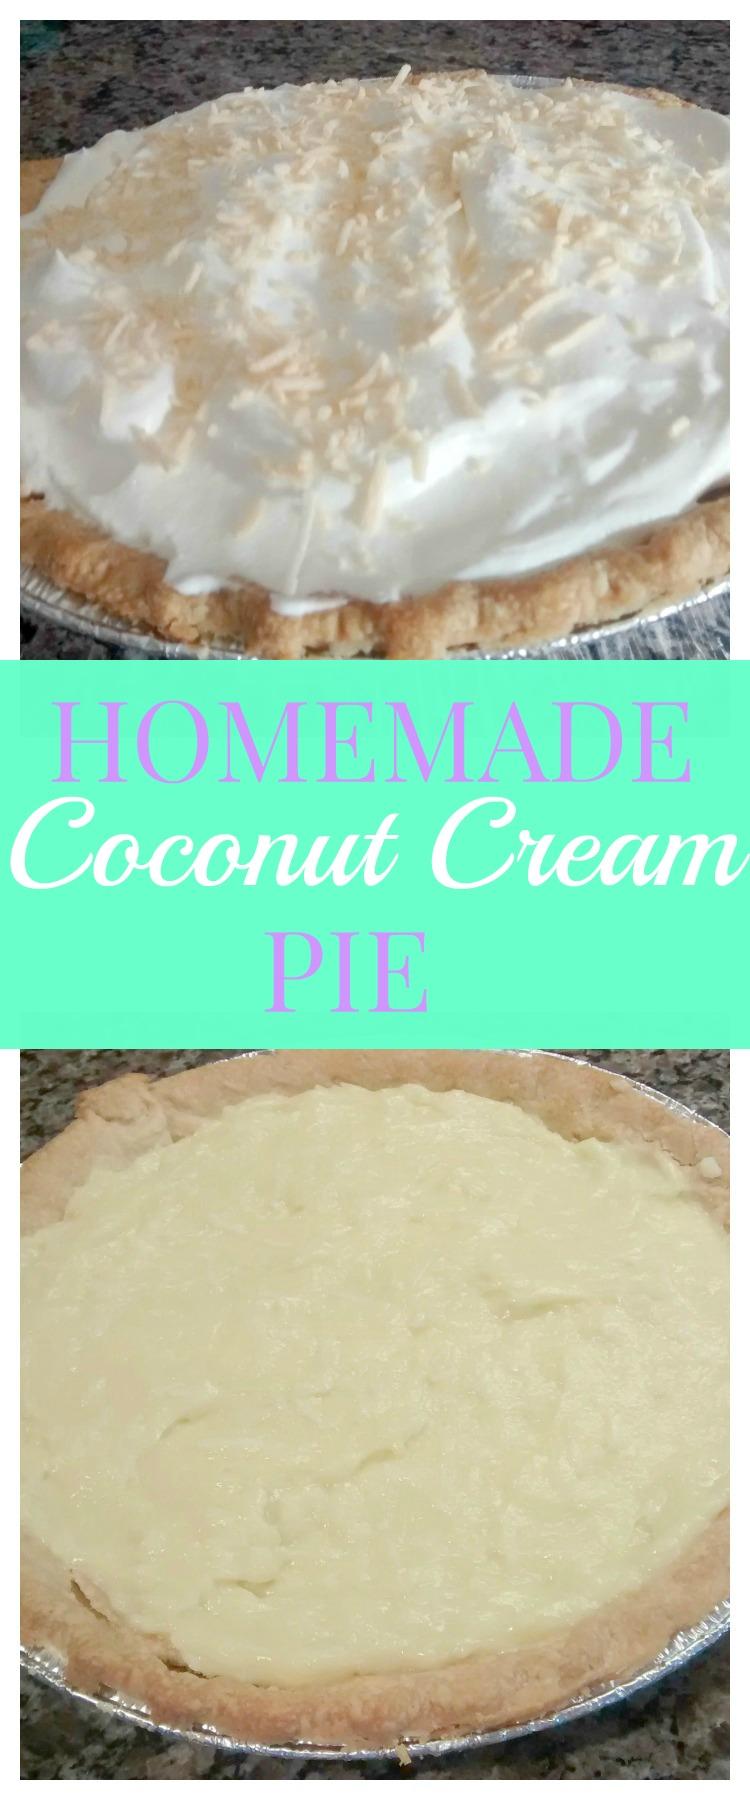 how to make homemade coconut cream